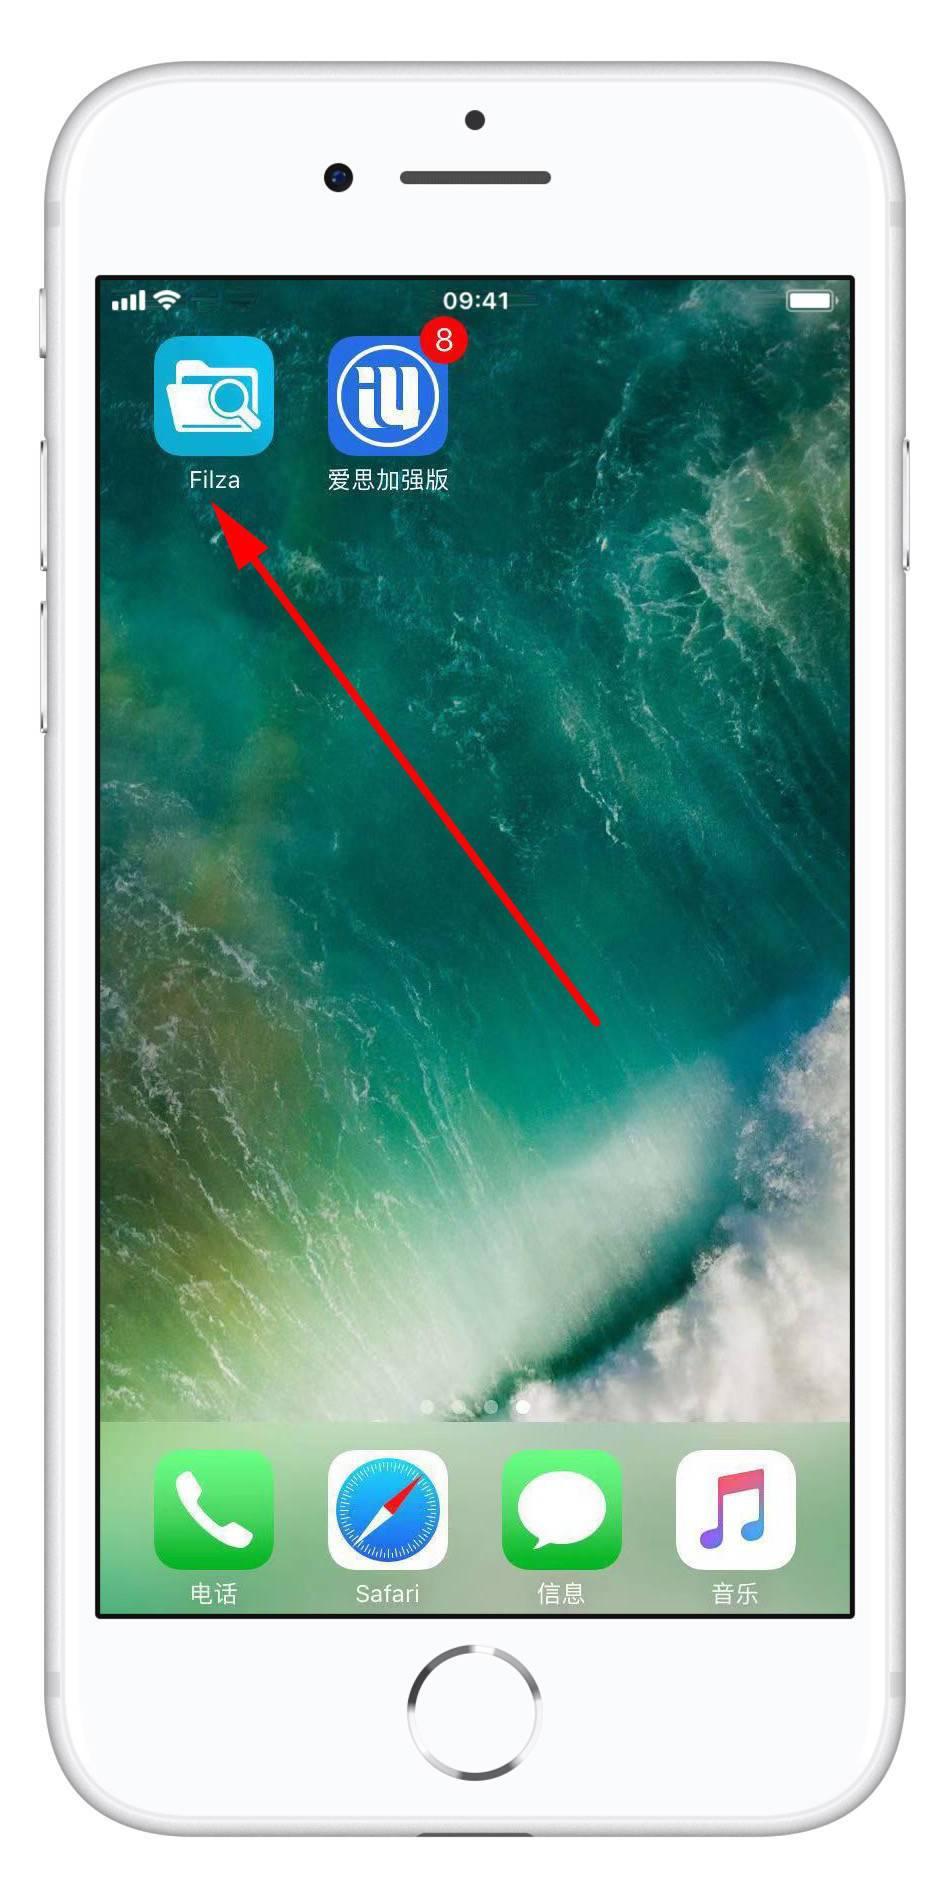 最新屏蔽 iOS 升级弹窗的 2 种方法